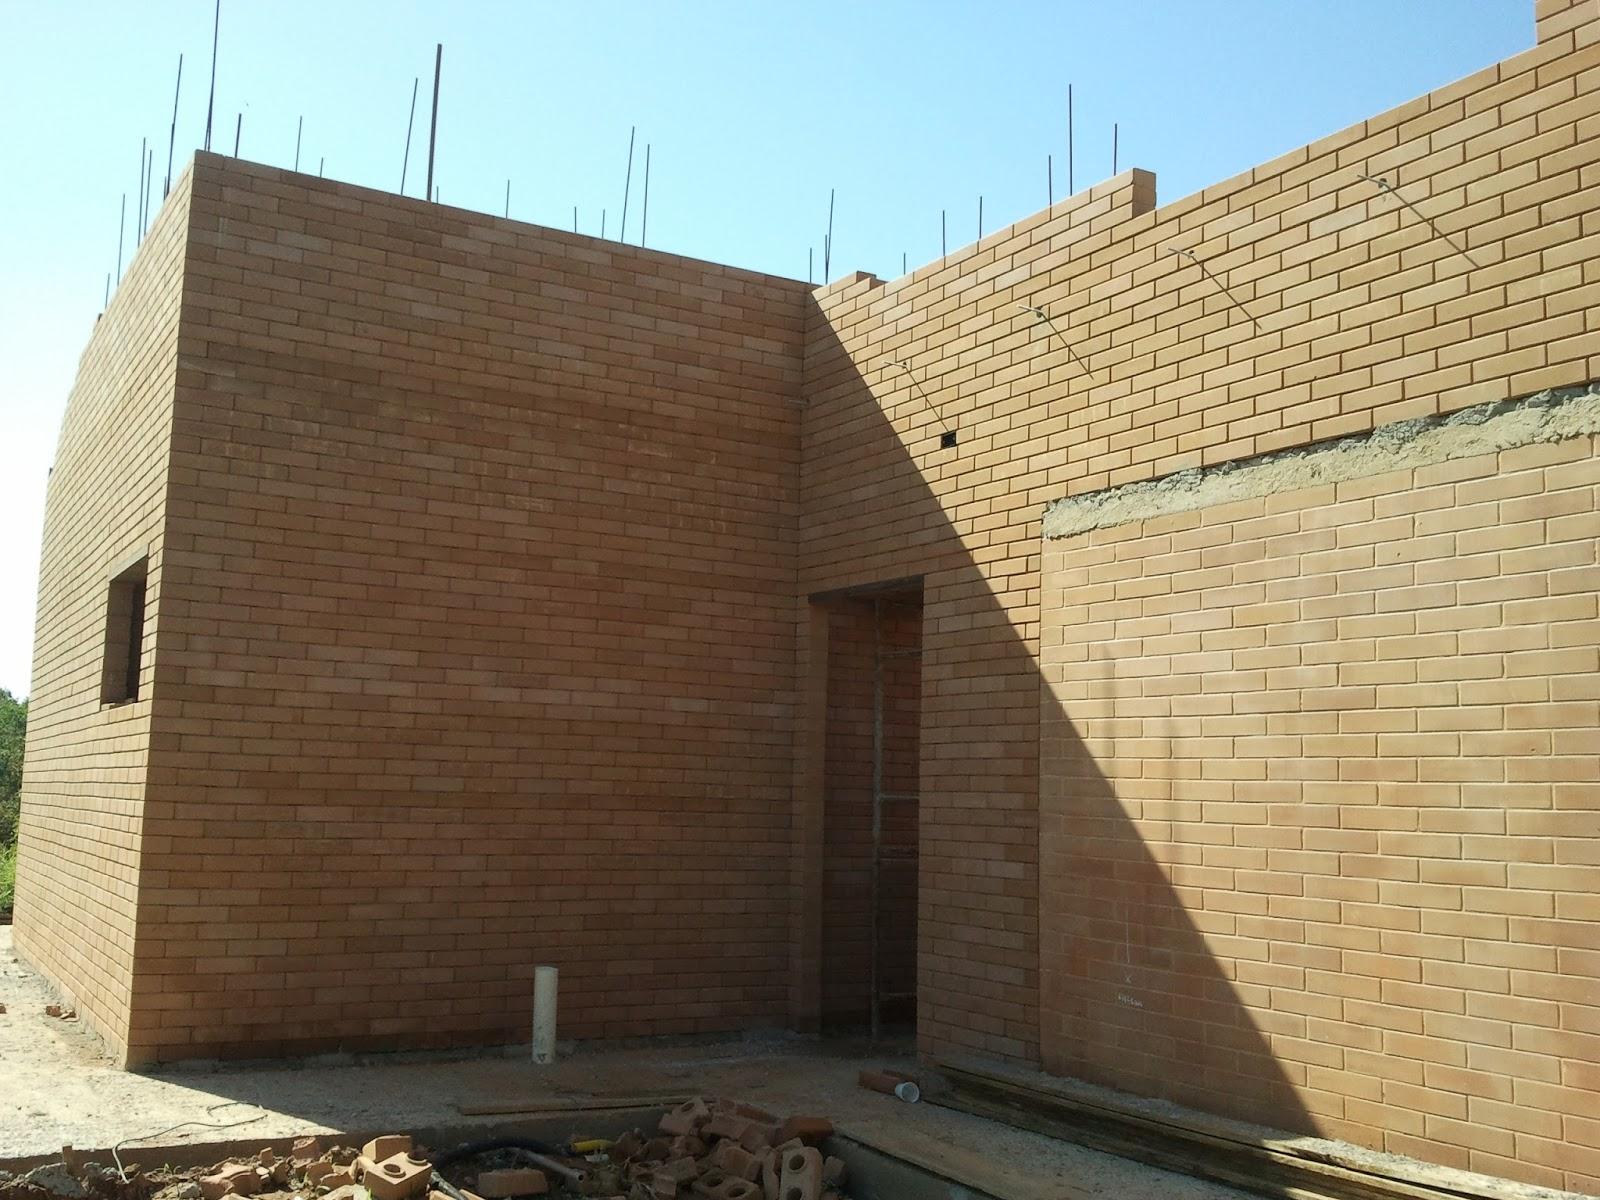 Construindo e Ampliando com Tijolo Solo cimento / Ecológico: Mezanino #1178BA 1600 1200